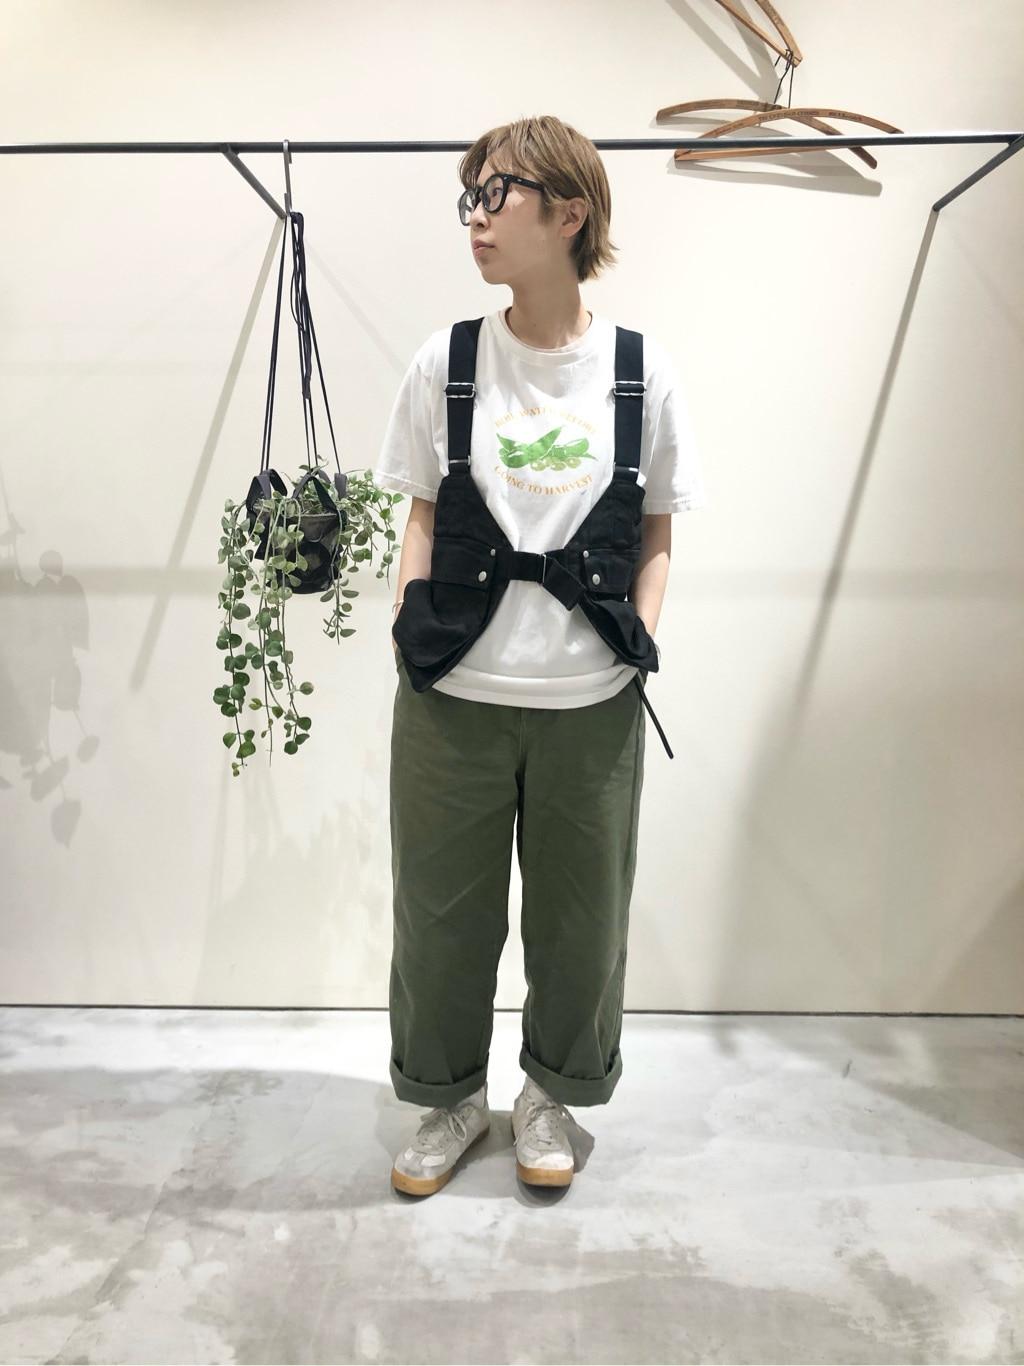 CHILD WOMAN , PAR ICI 新宿ミロード 2021.04.27